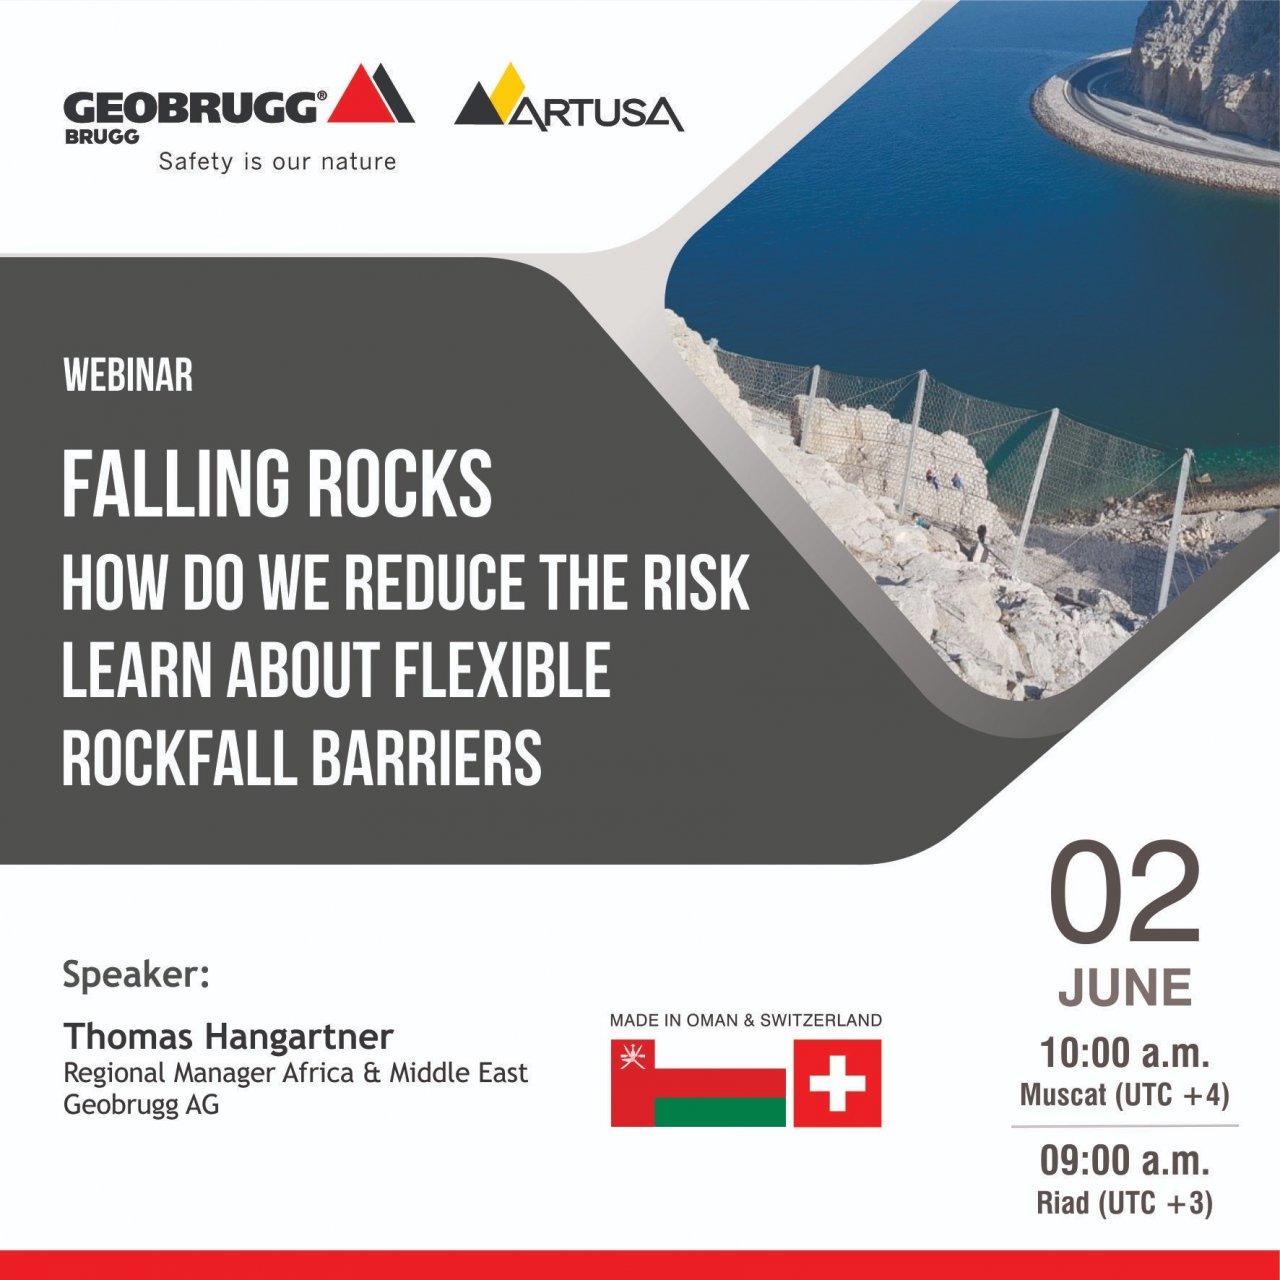 Artusa Geobrugg İşbirliği ile Çevrimiçi seminerlerimize davetlisiniz!